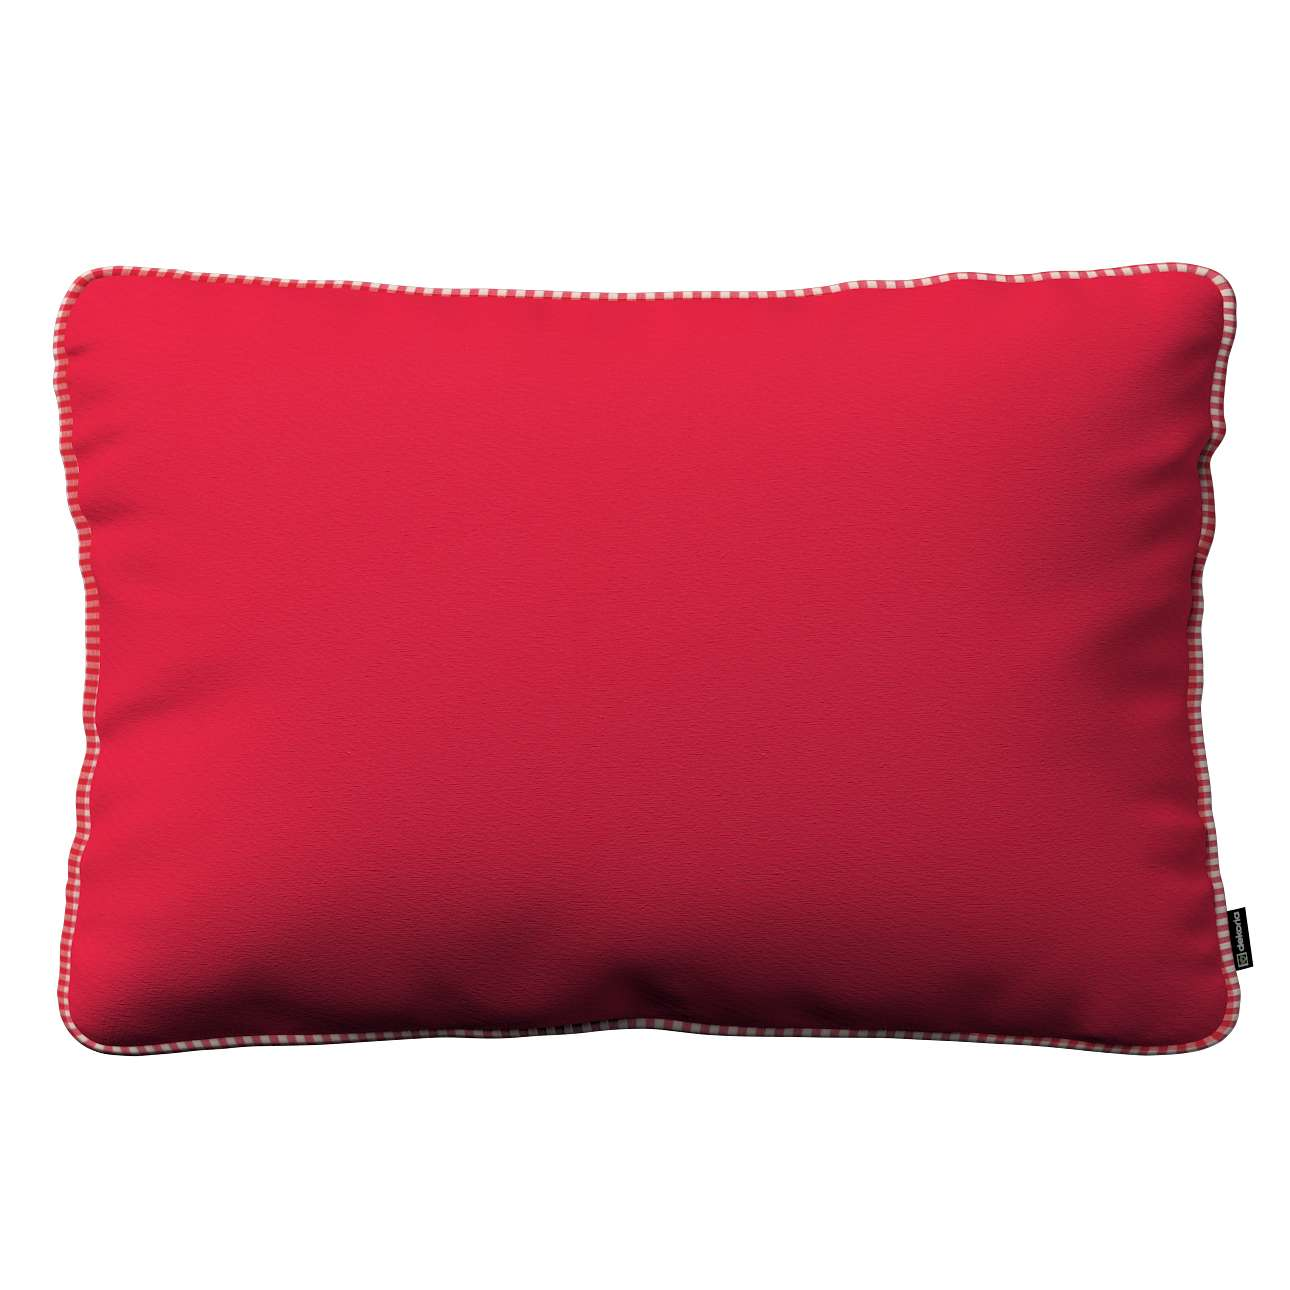 Poszewka Gabi na poduszkę prostokątna w kolekcji Quadro, tkanina: 136-19